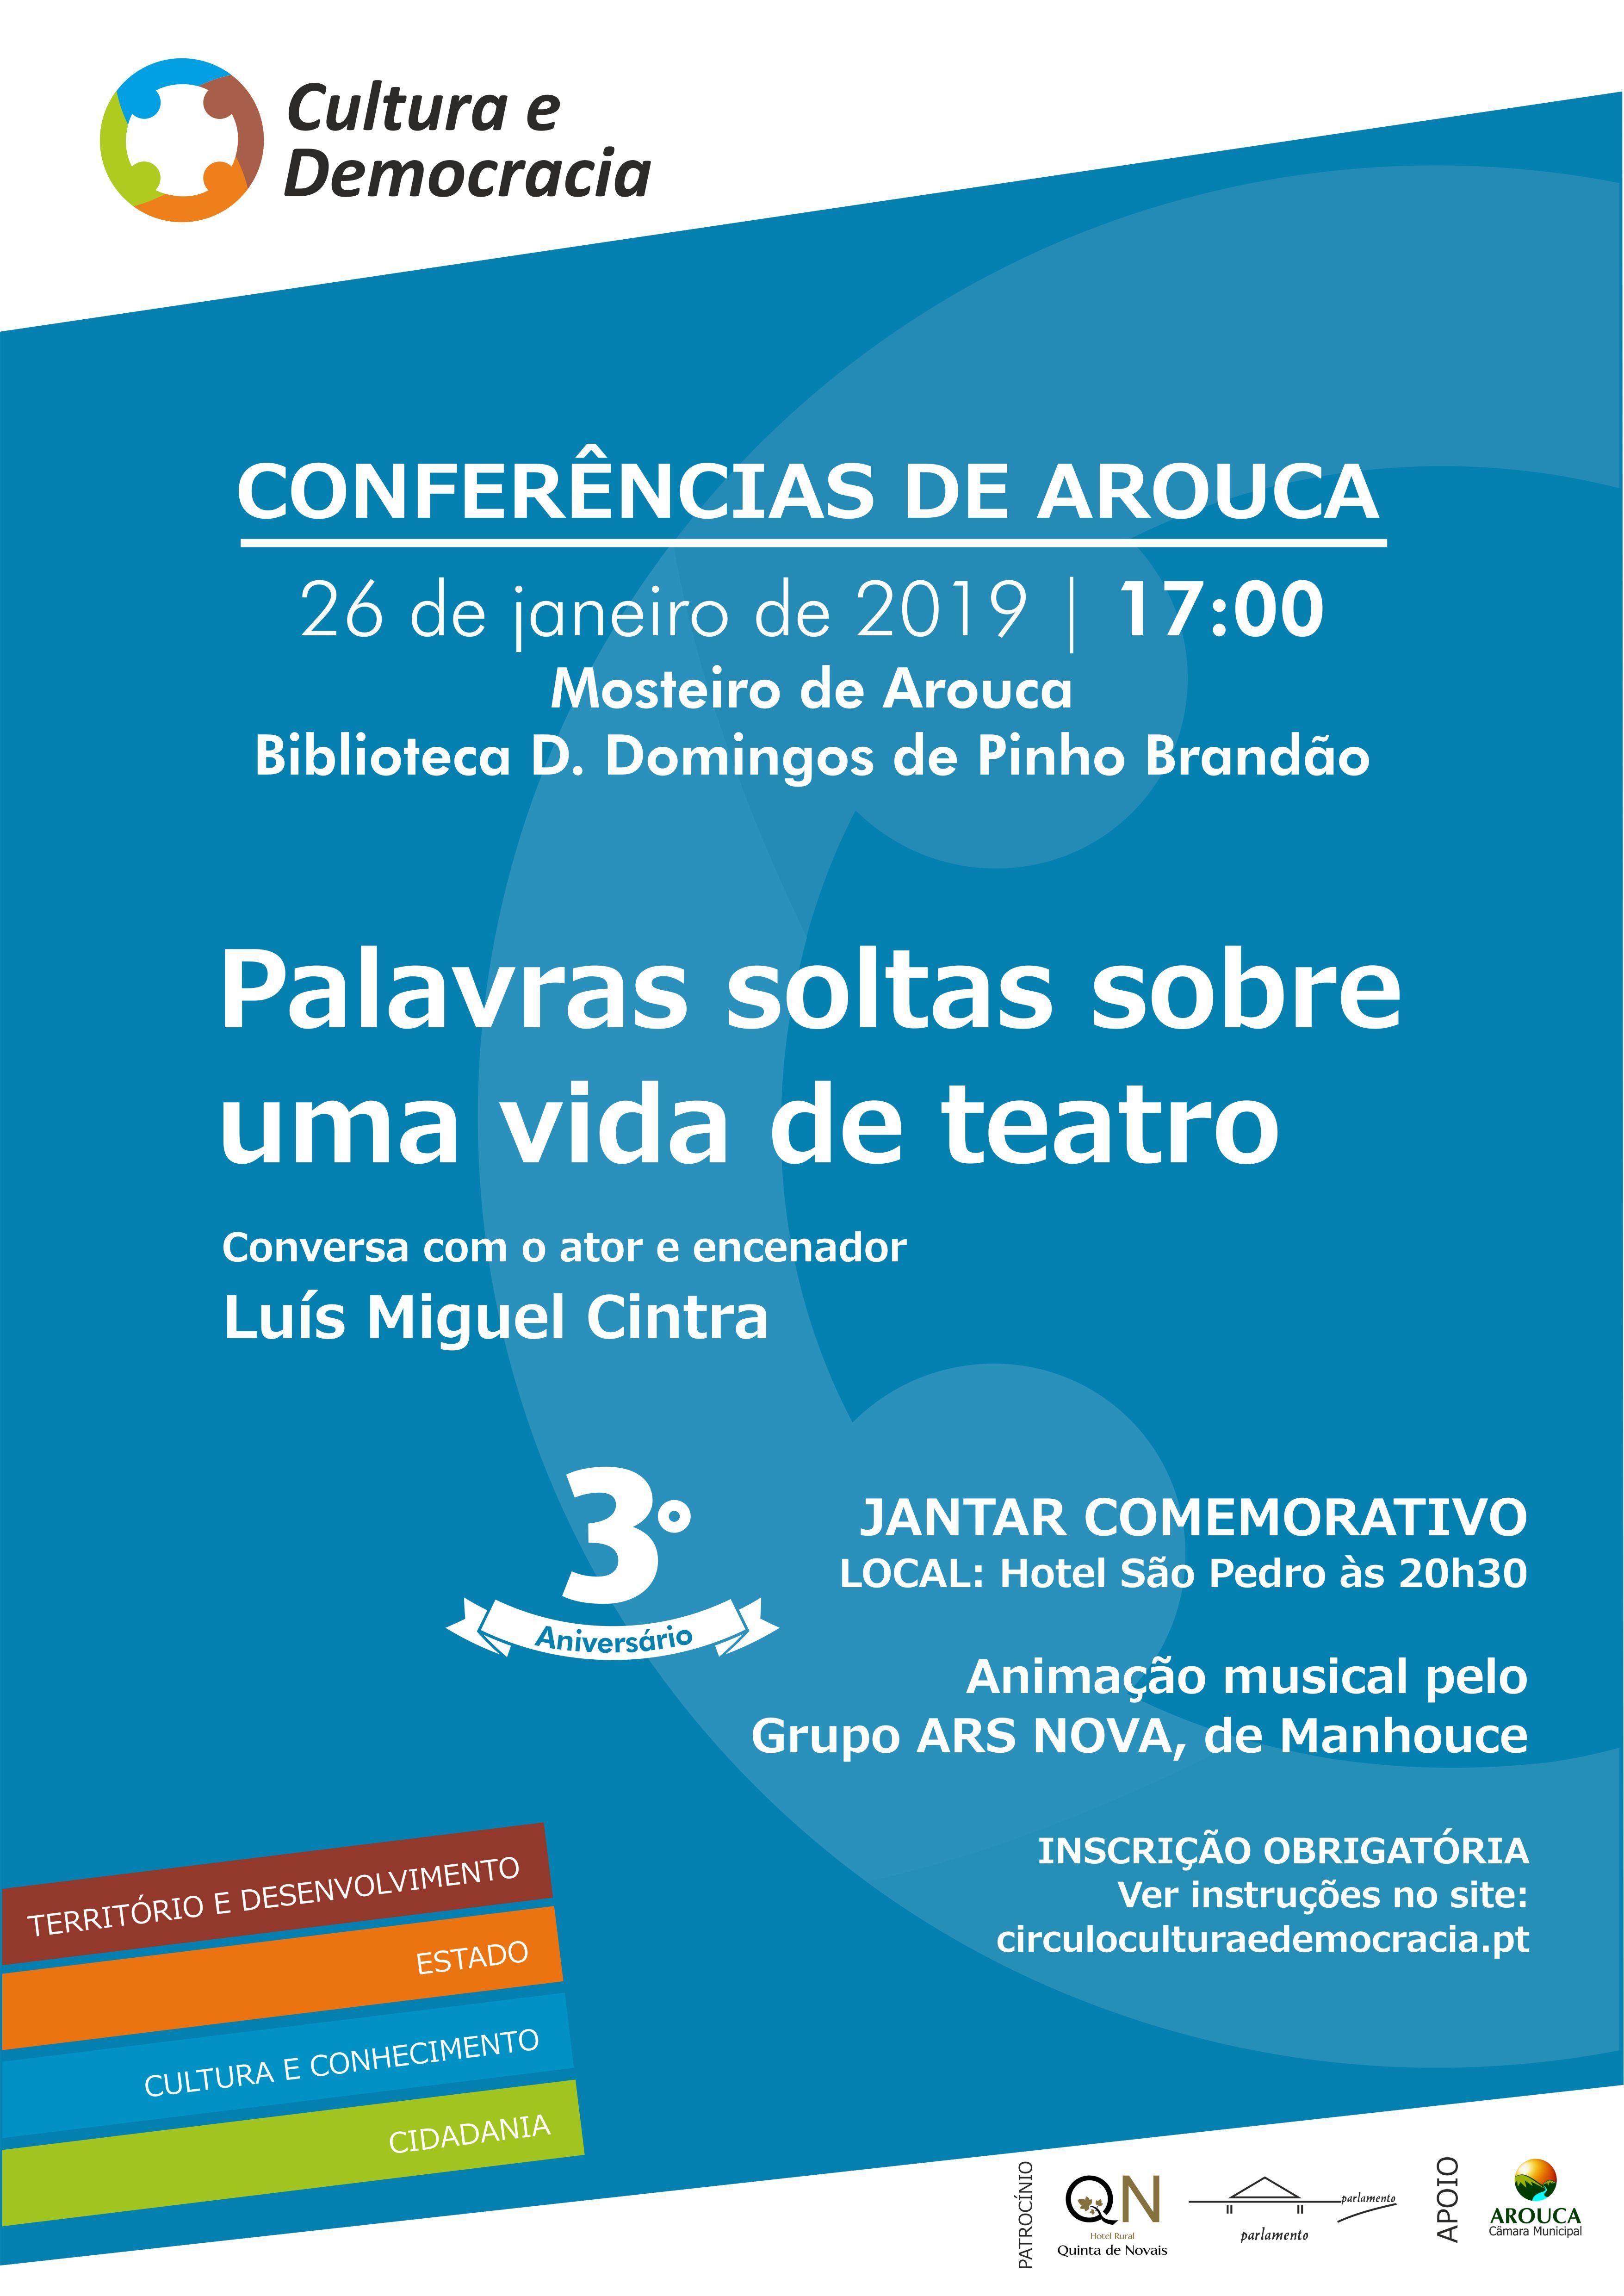 Círculo Cultura e Democracia assinala 3º aniversário com 'Conferência de Arouca'